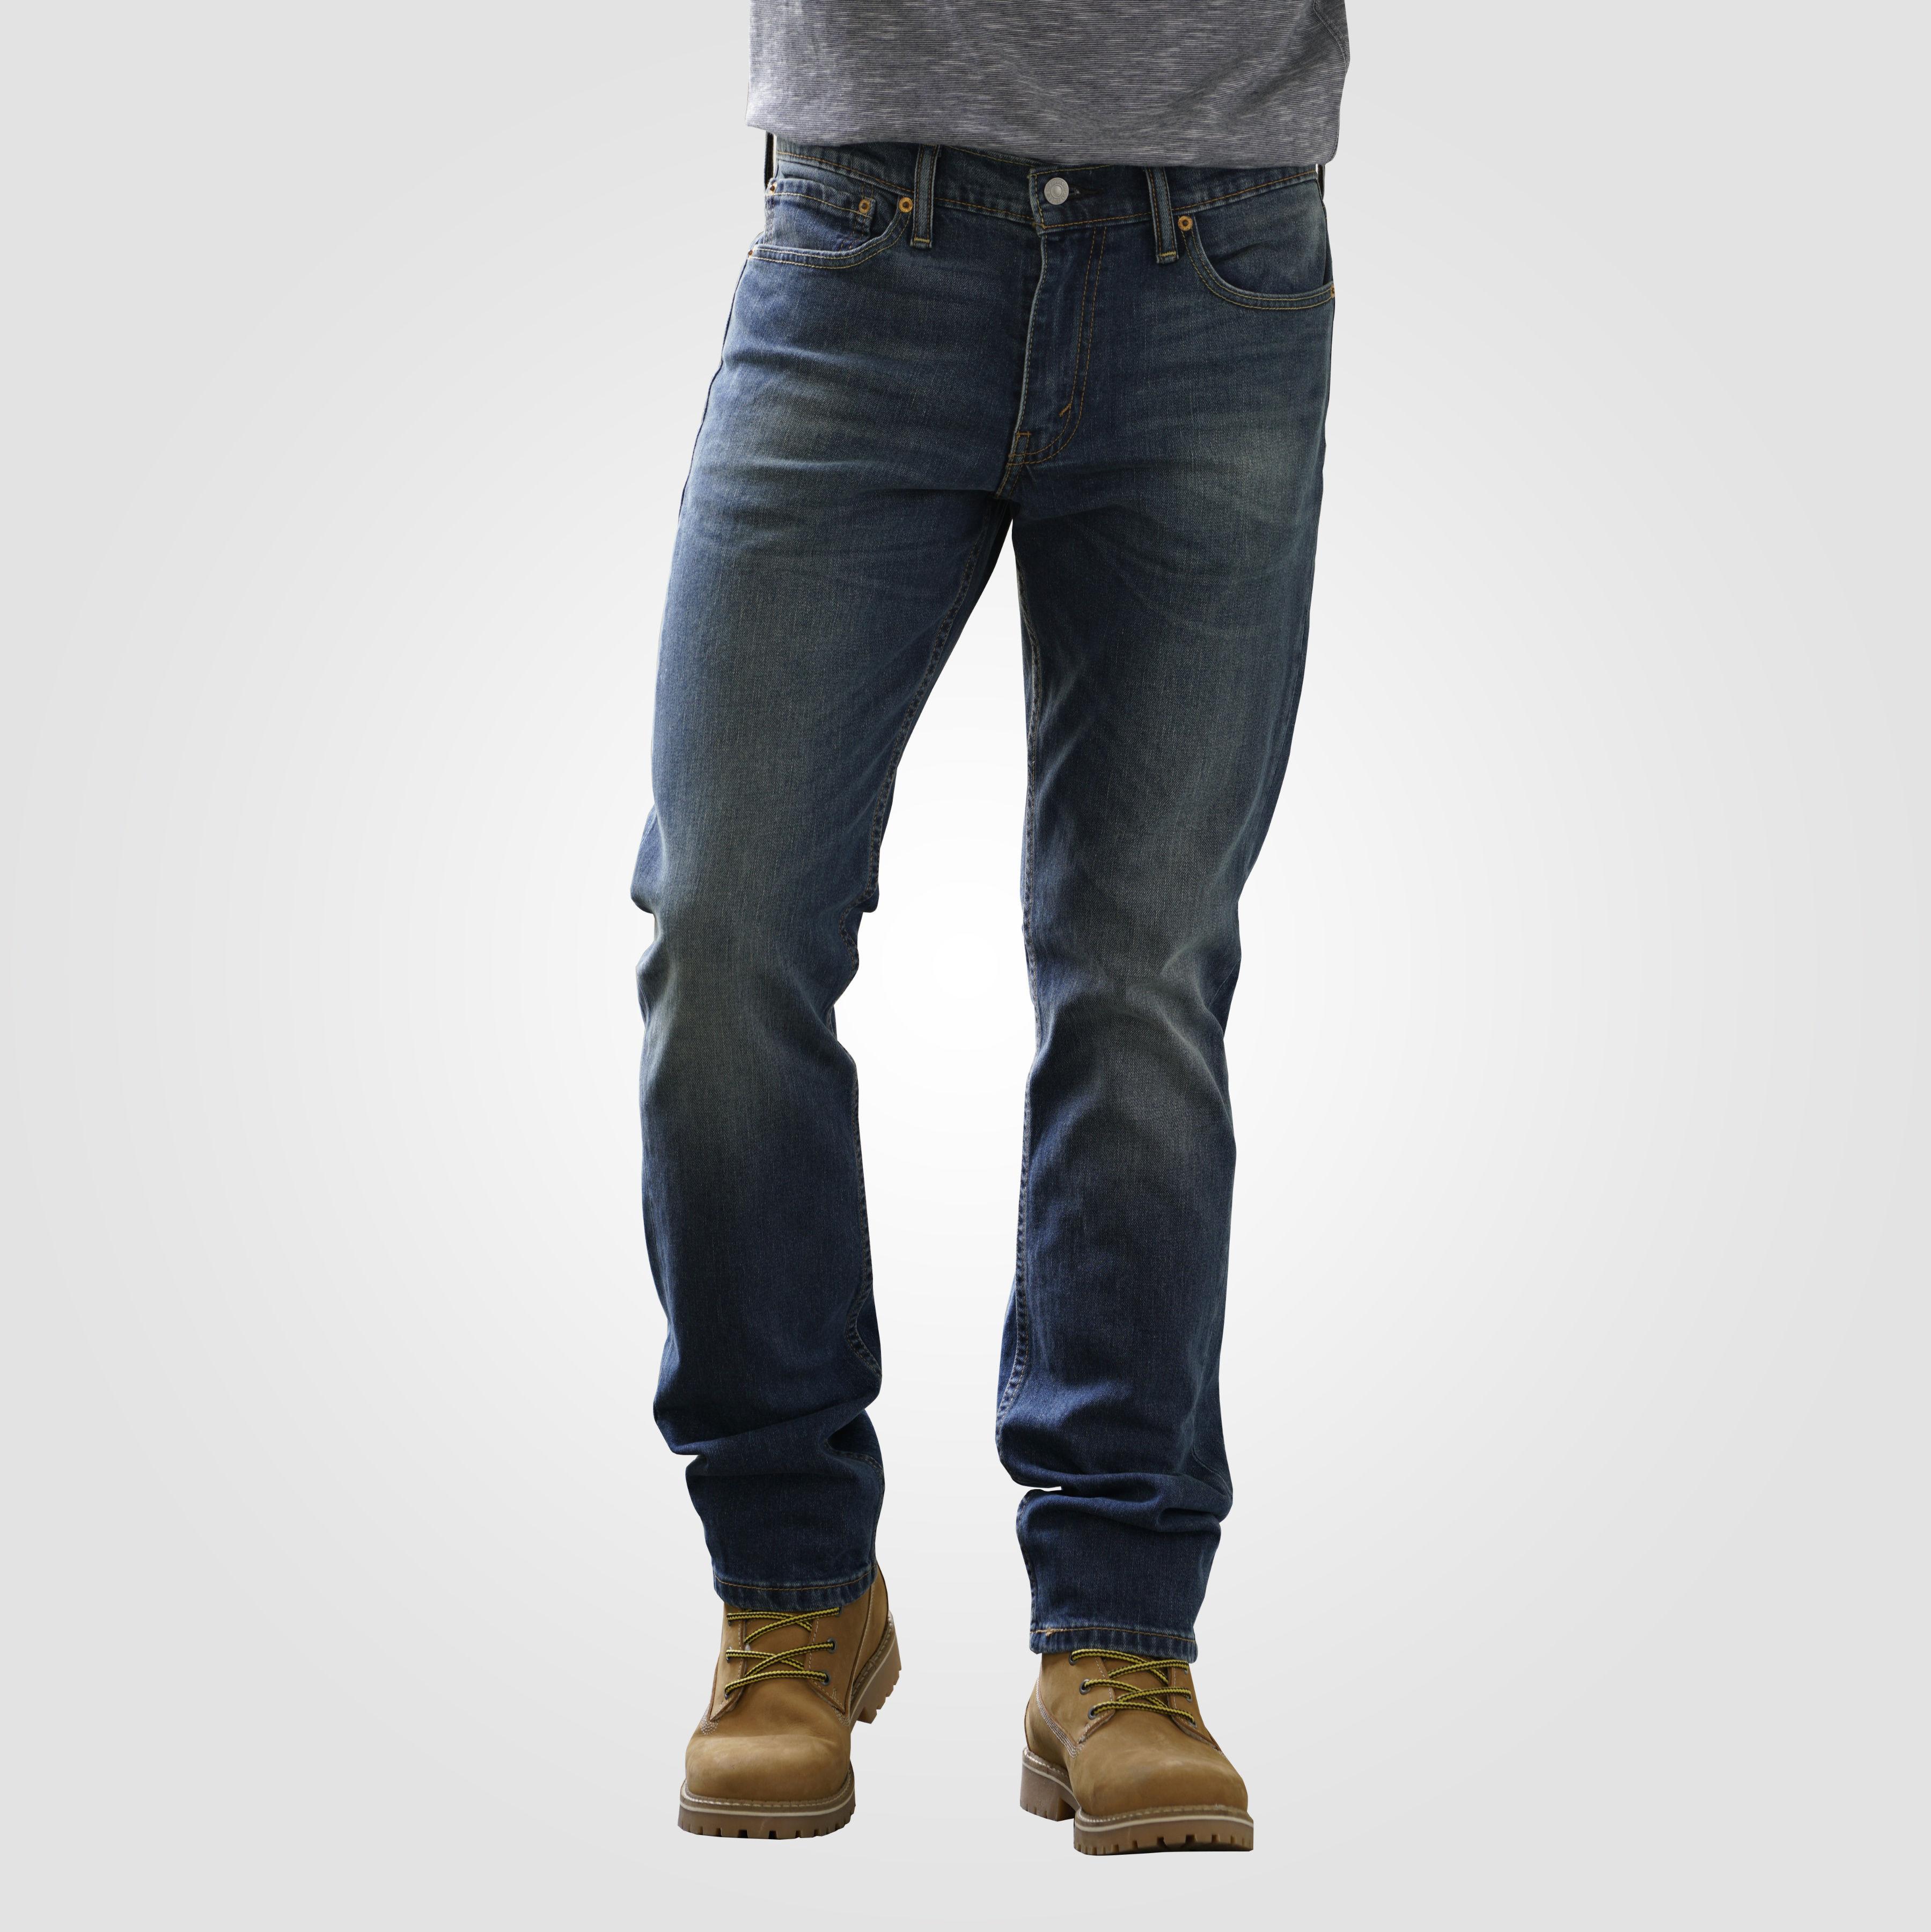 Los Angeles modischer Stil 100% Zufriedenheit Levi's Jeans 511 Herren slim fit